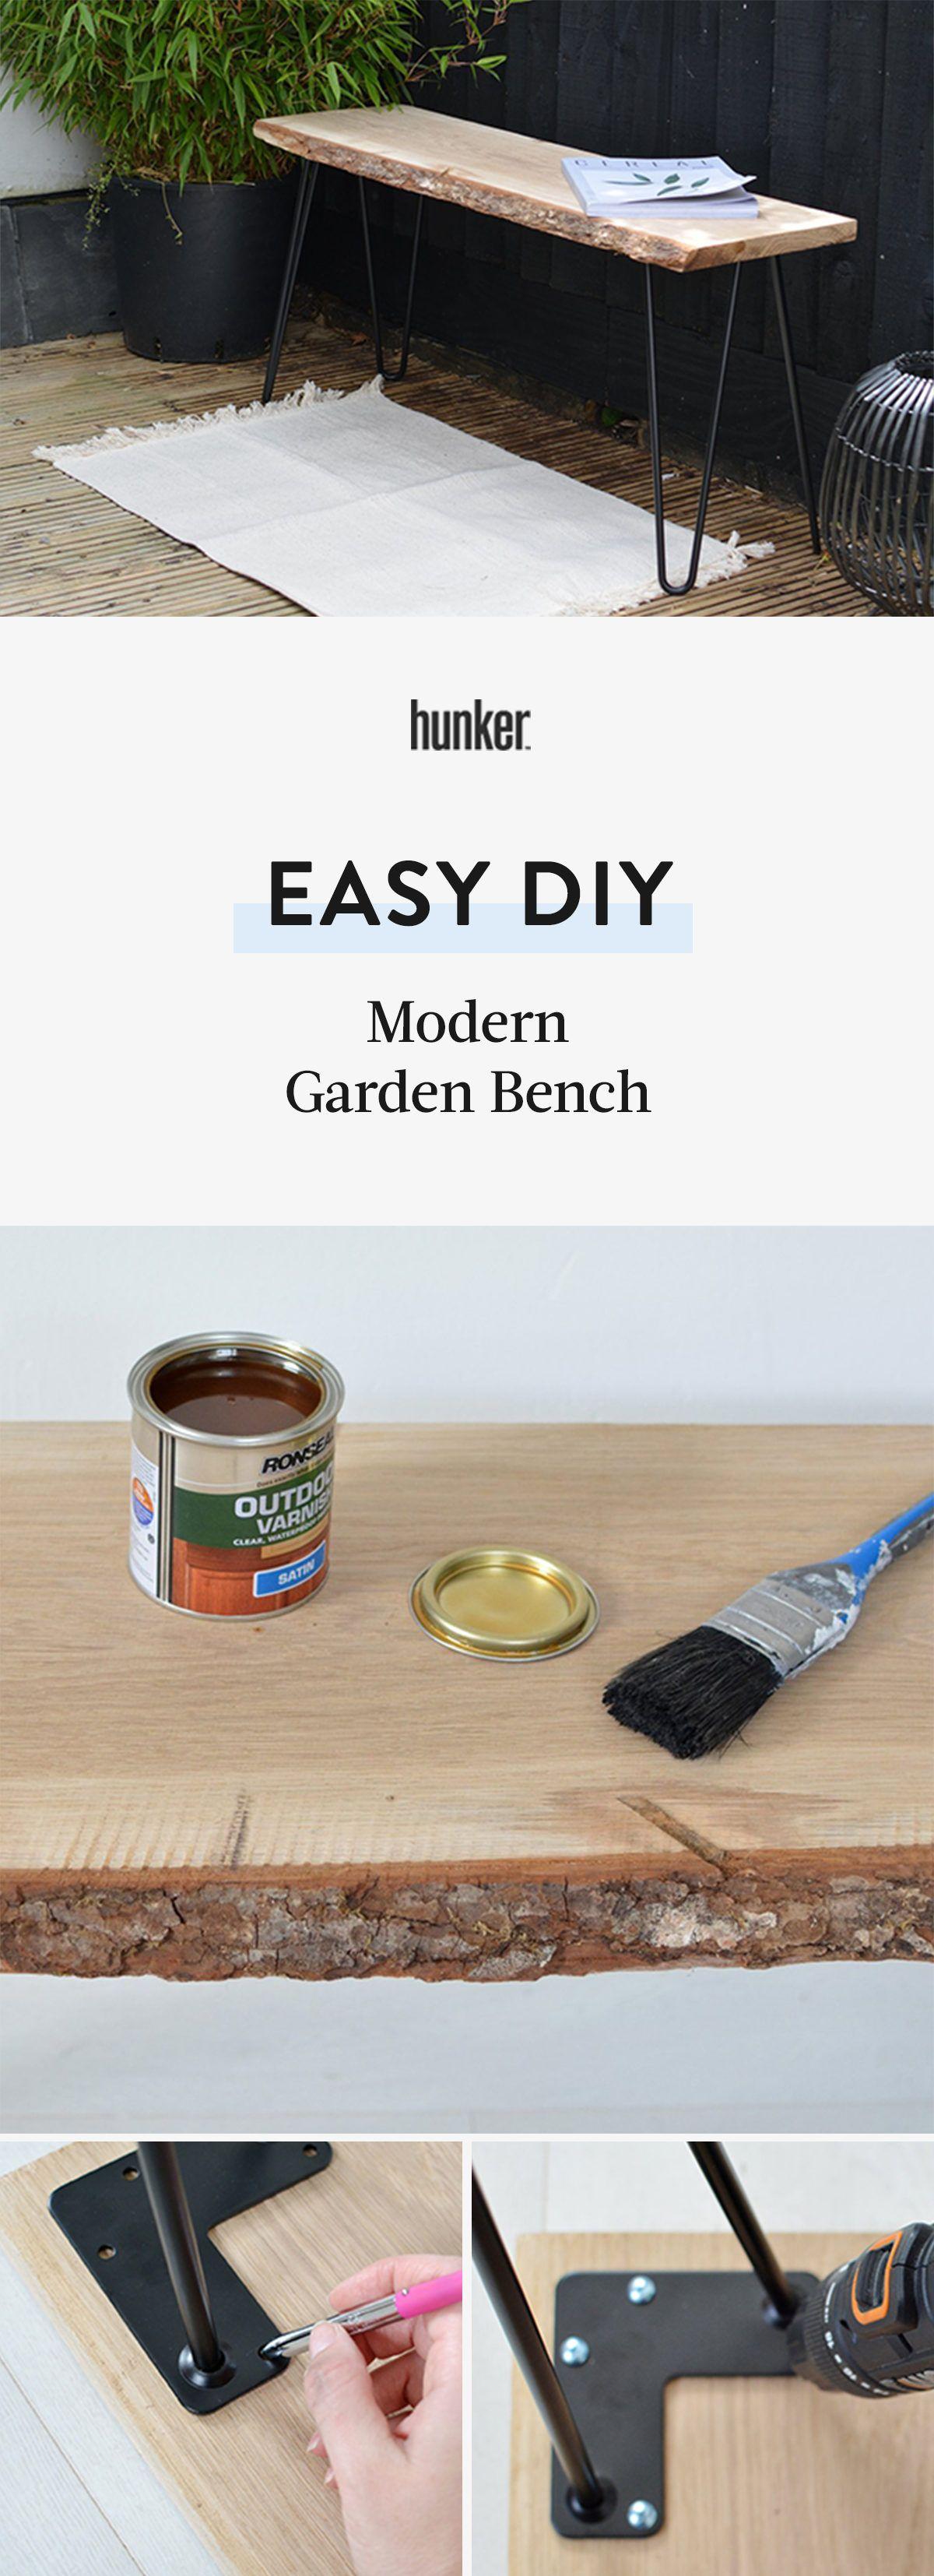 Diy modern garden bench literally anyone can do modern